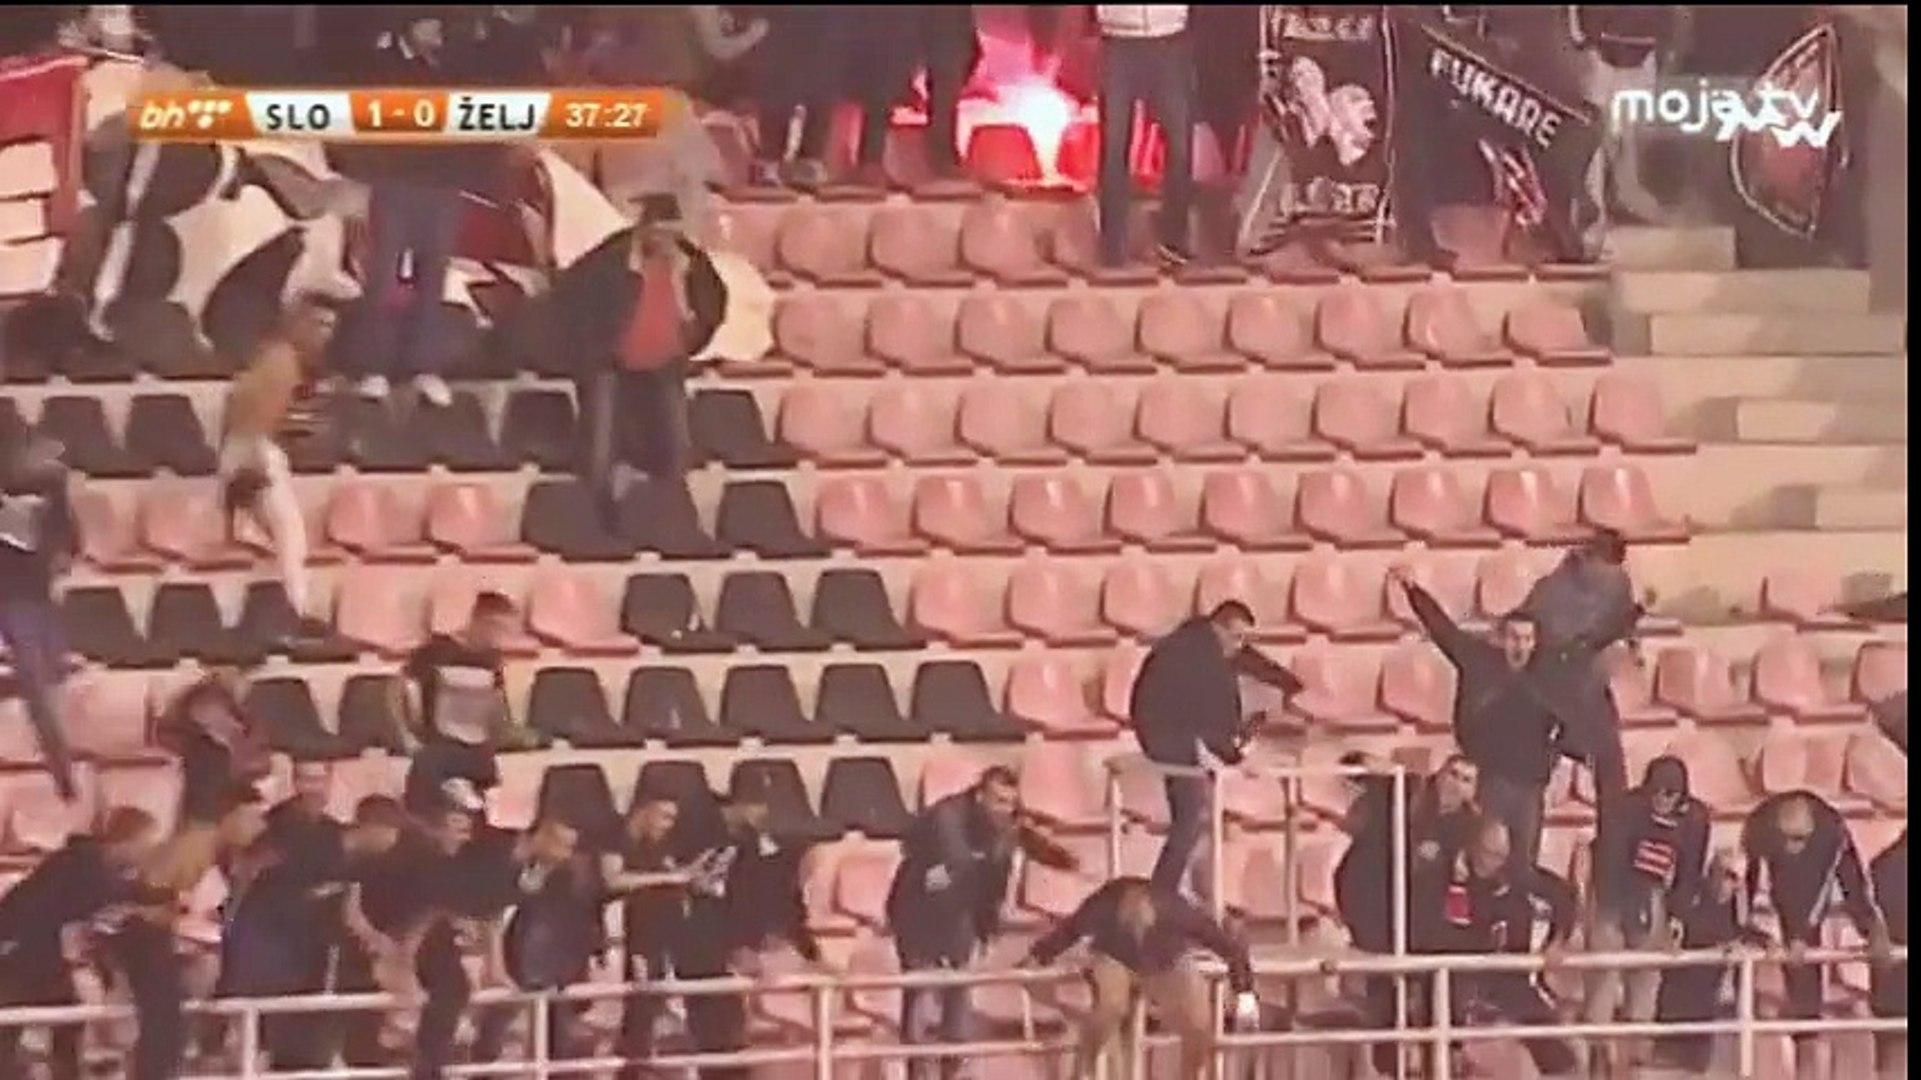 FK Sloboda - FK Željezničar / Navijači slavili sa igračima, ludnica na tribinama